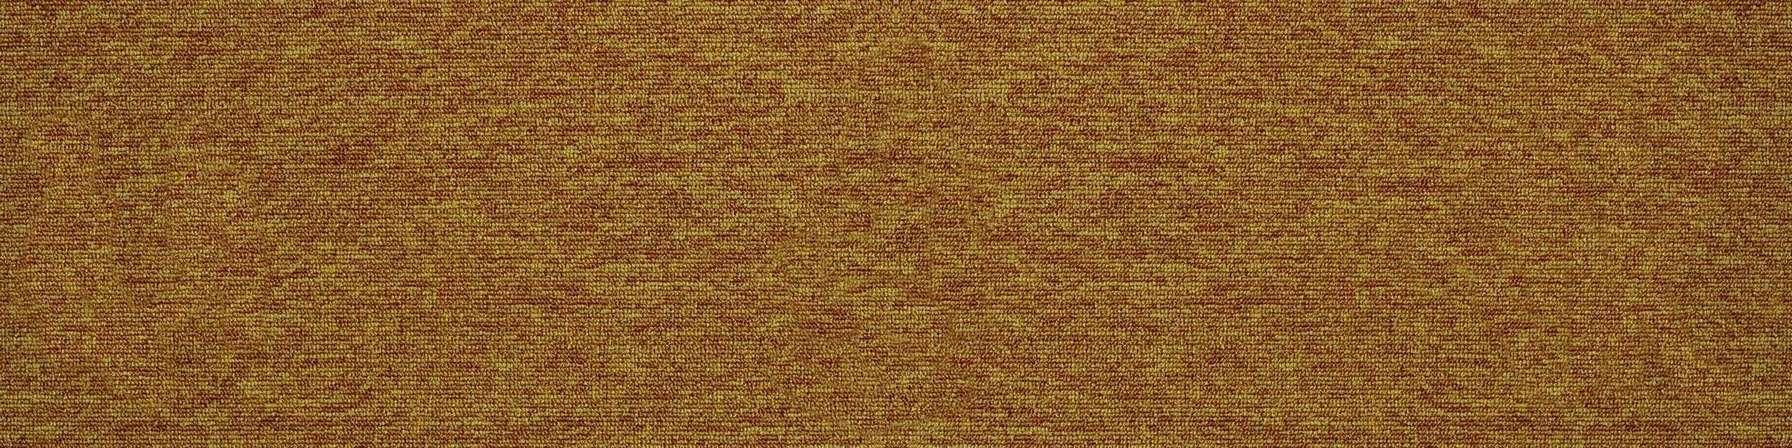 tivoli 21104 tortola gold carpet plank